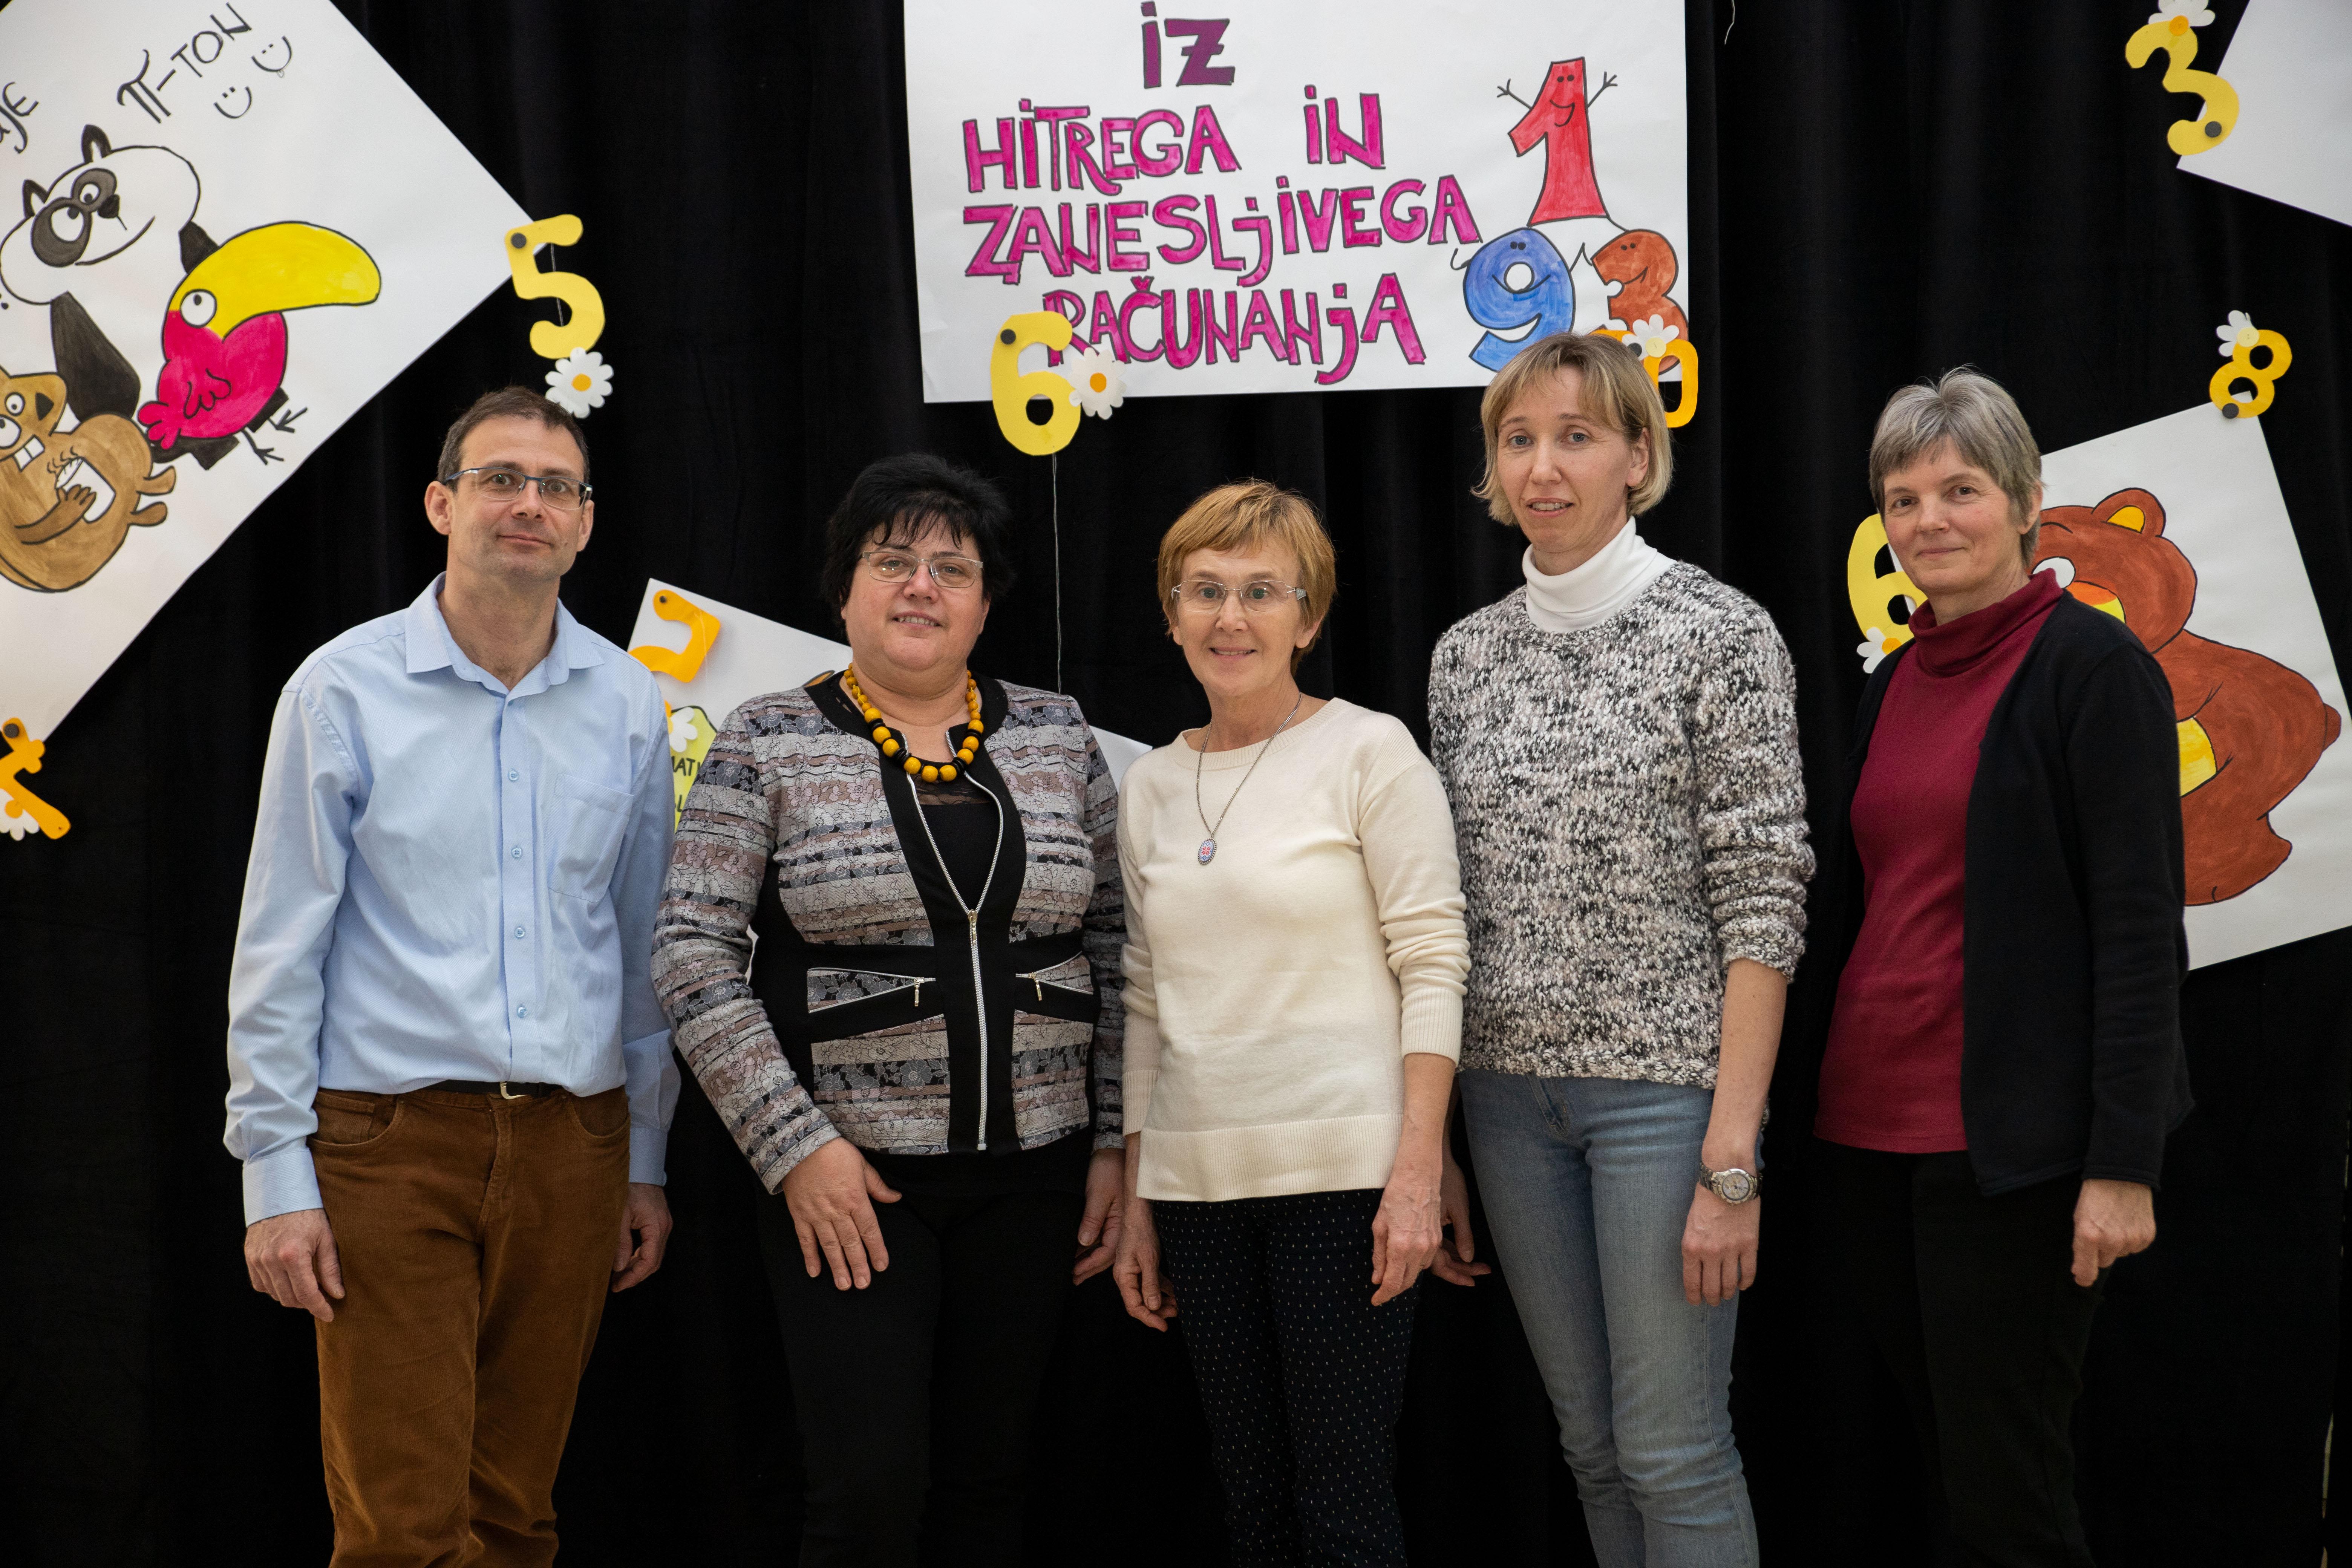 hitro_racunanje_litija_2-2020_312